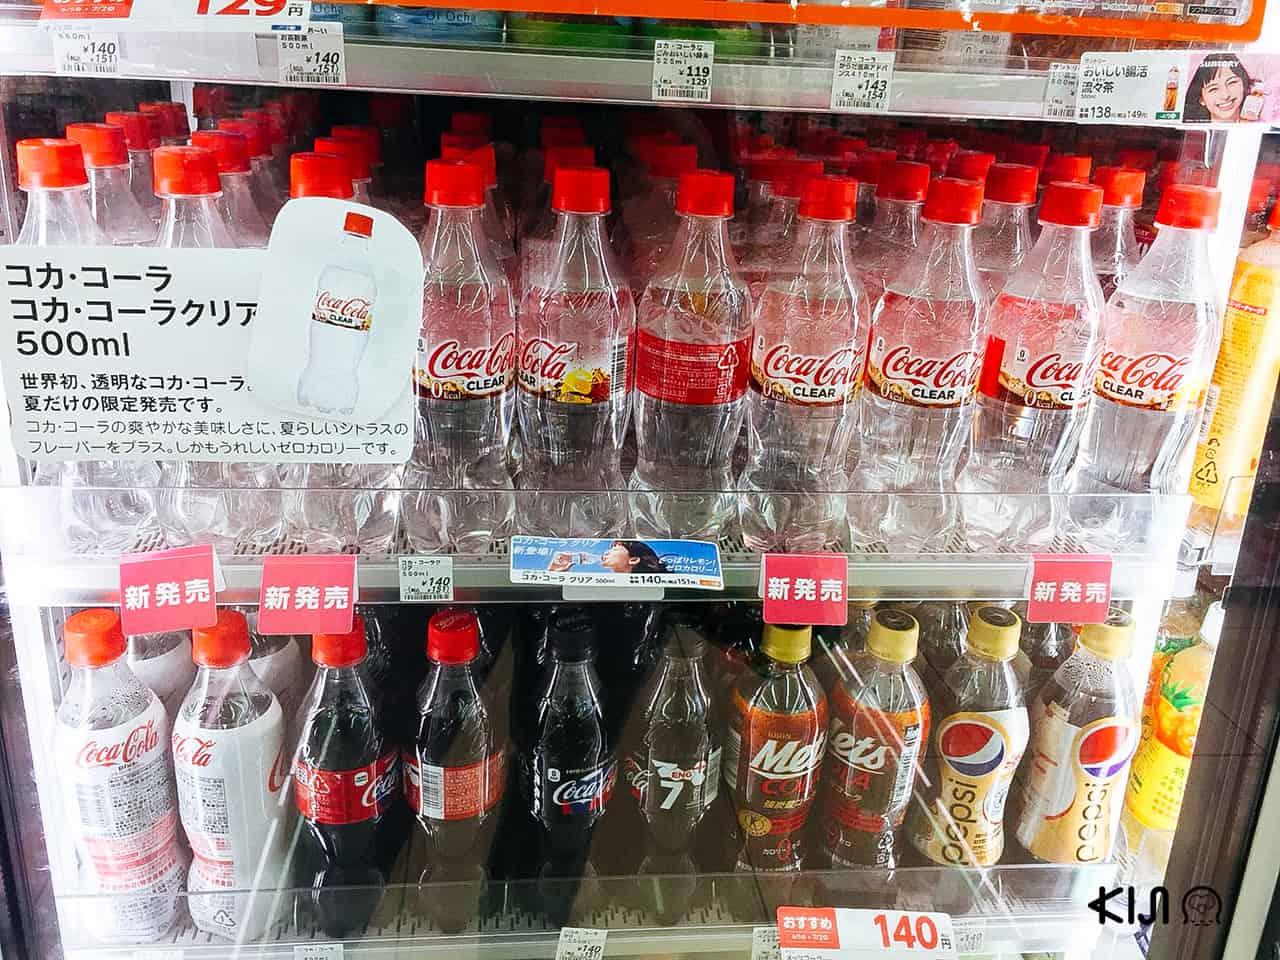 Coca- Cola Clear jp